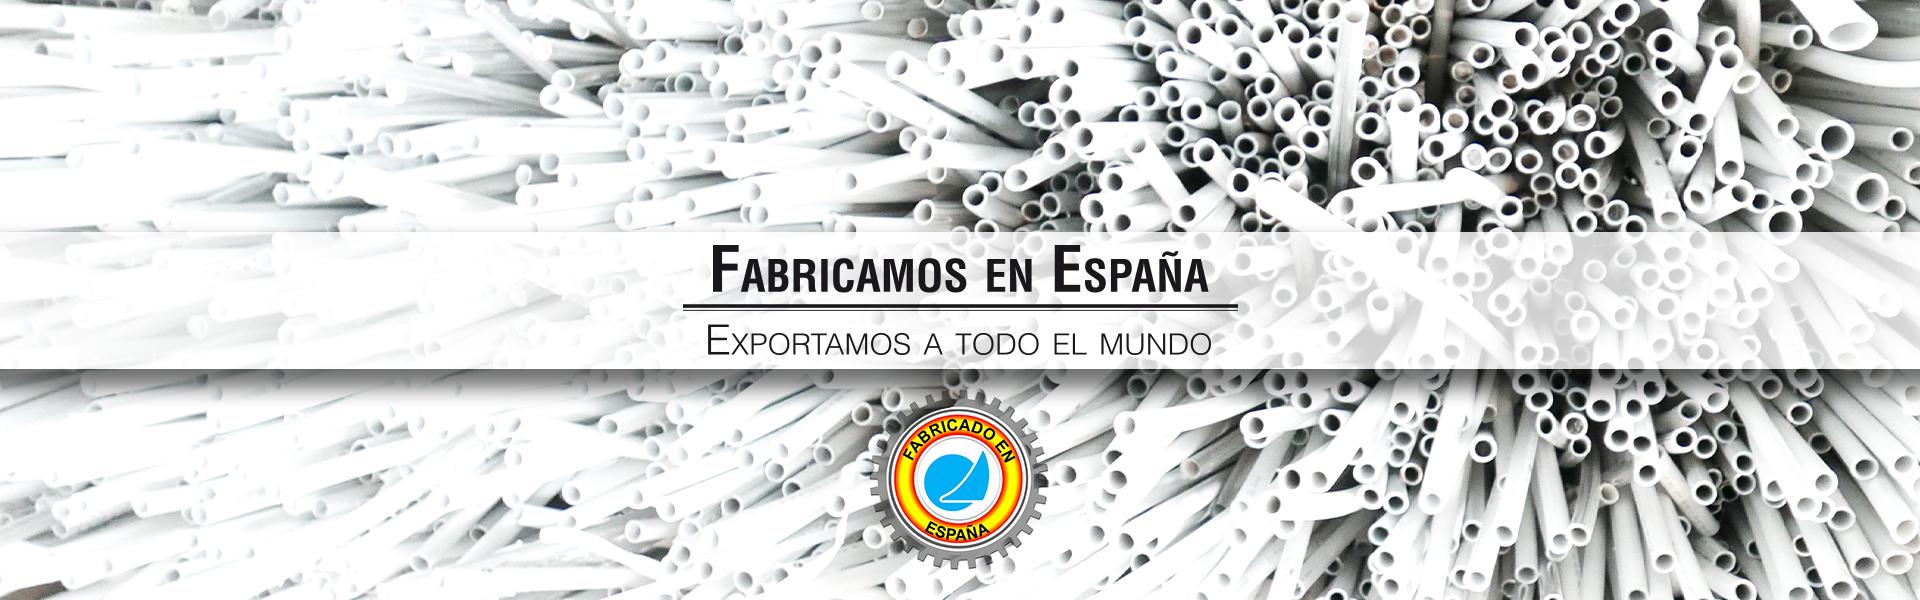 Fabricamos en España, Exportamos a todo el mundo